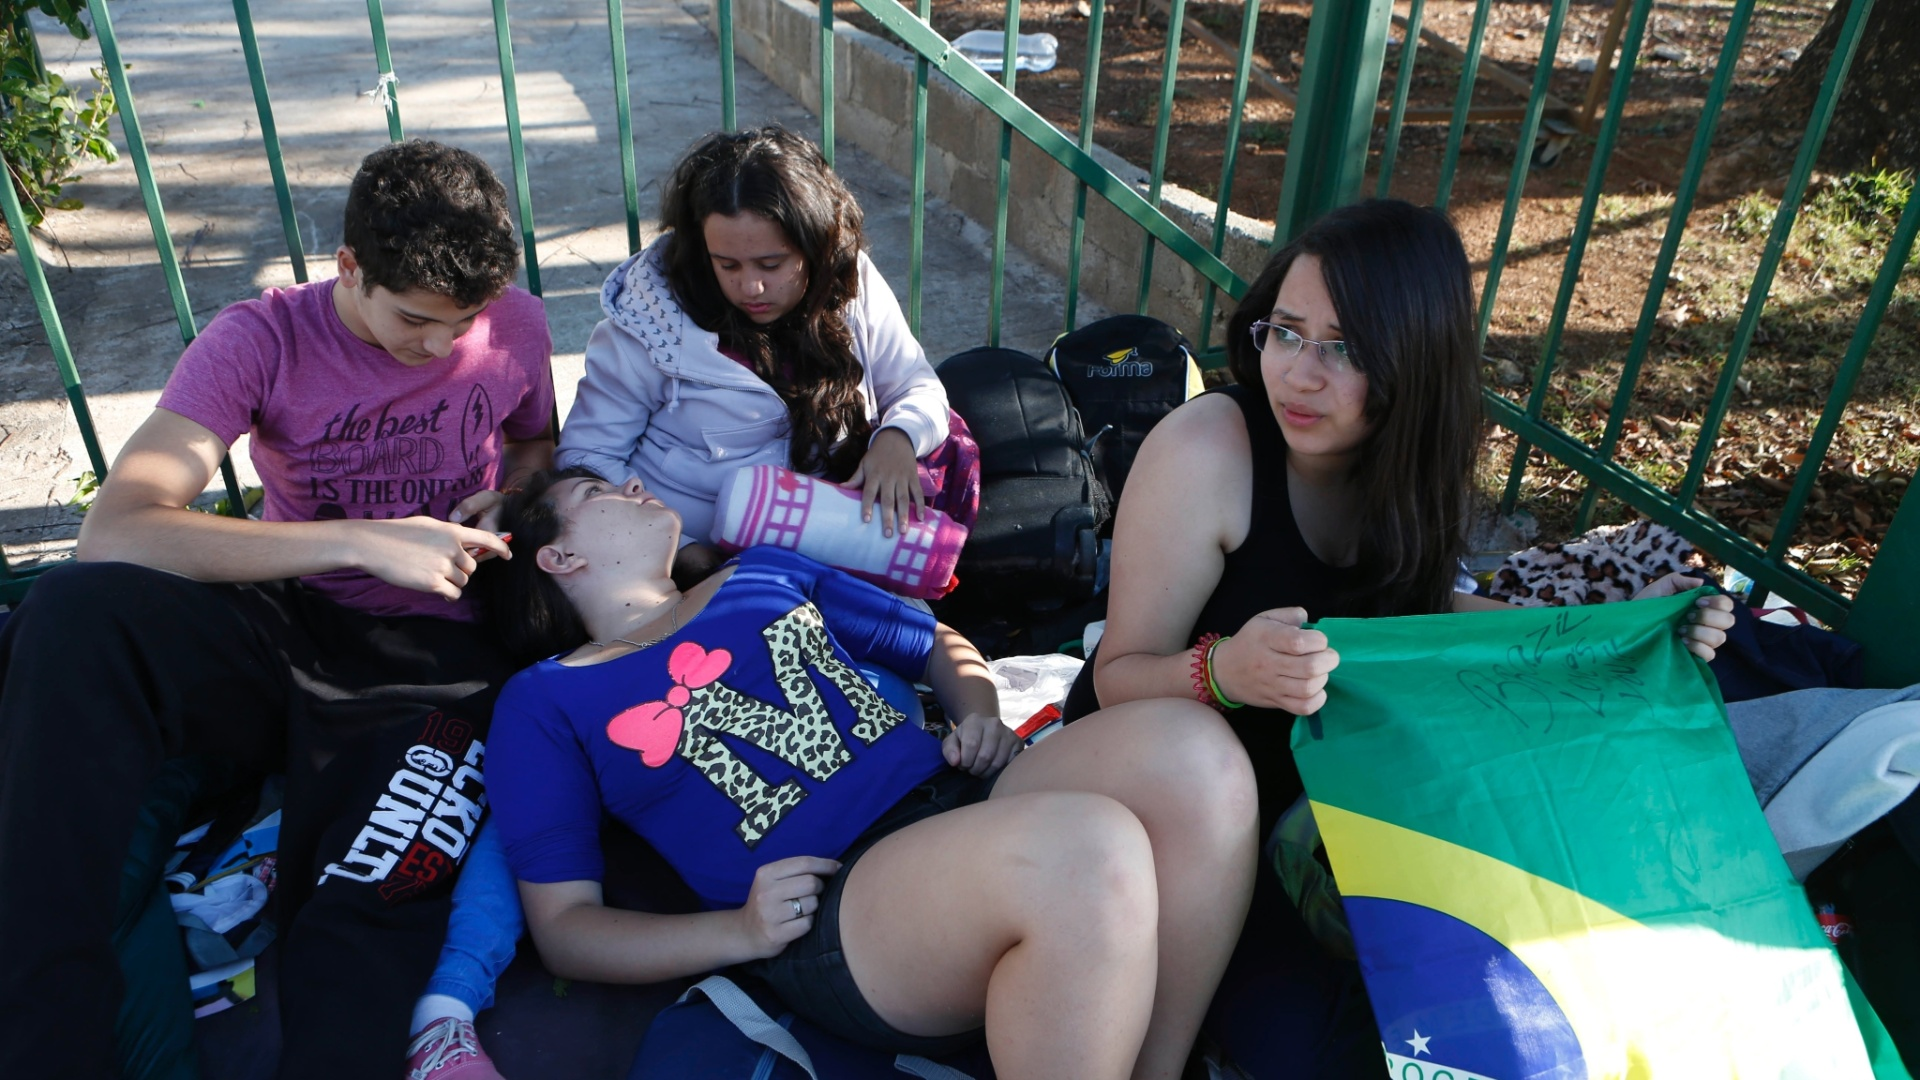 22.set.2014 - De acordo com o grupo de cerca de dez jovens, eles também foram assaltados, atacados por mendigos e obrigados pela Guarda Civil Metropolitana a desarmar as barracas